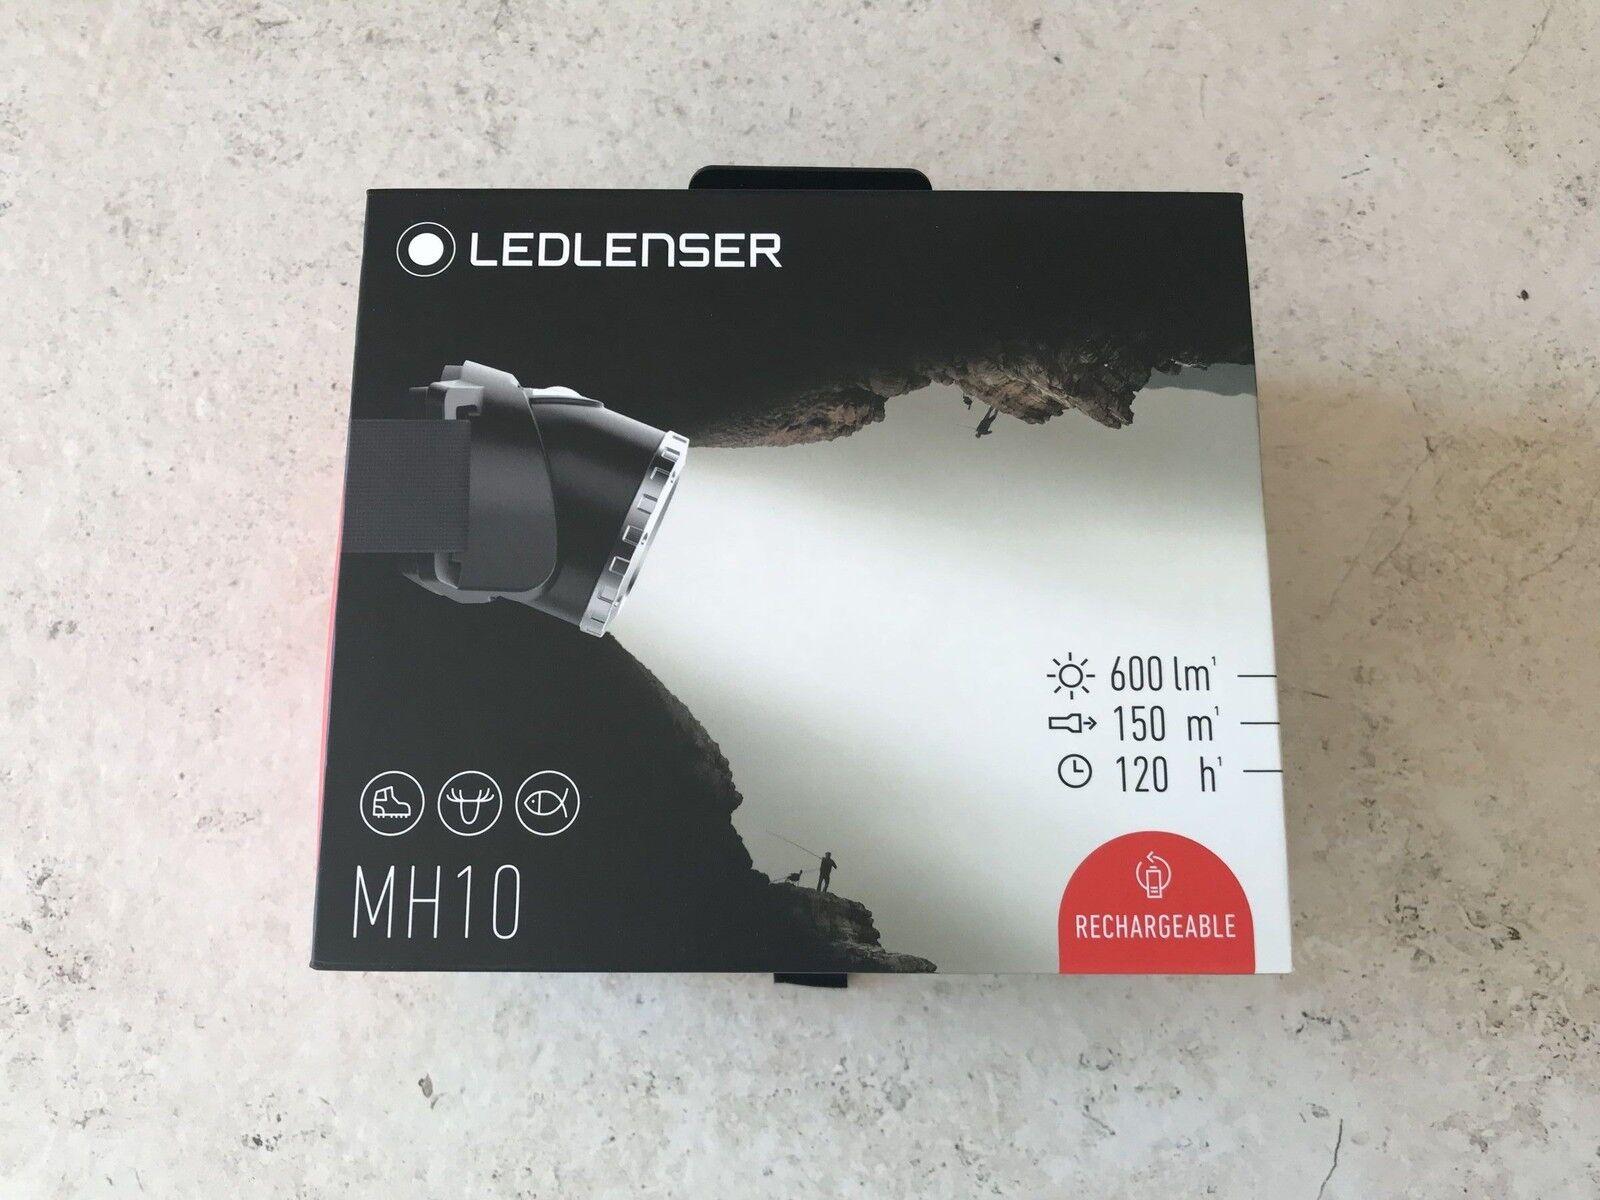 Ledlender Headlamp   600 Lumen MH10 the New Outdoor Range  500856